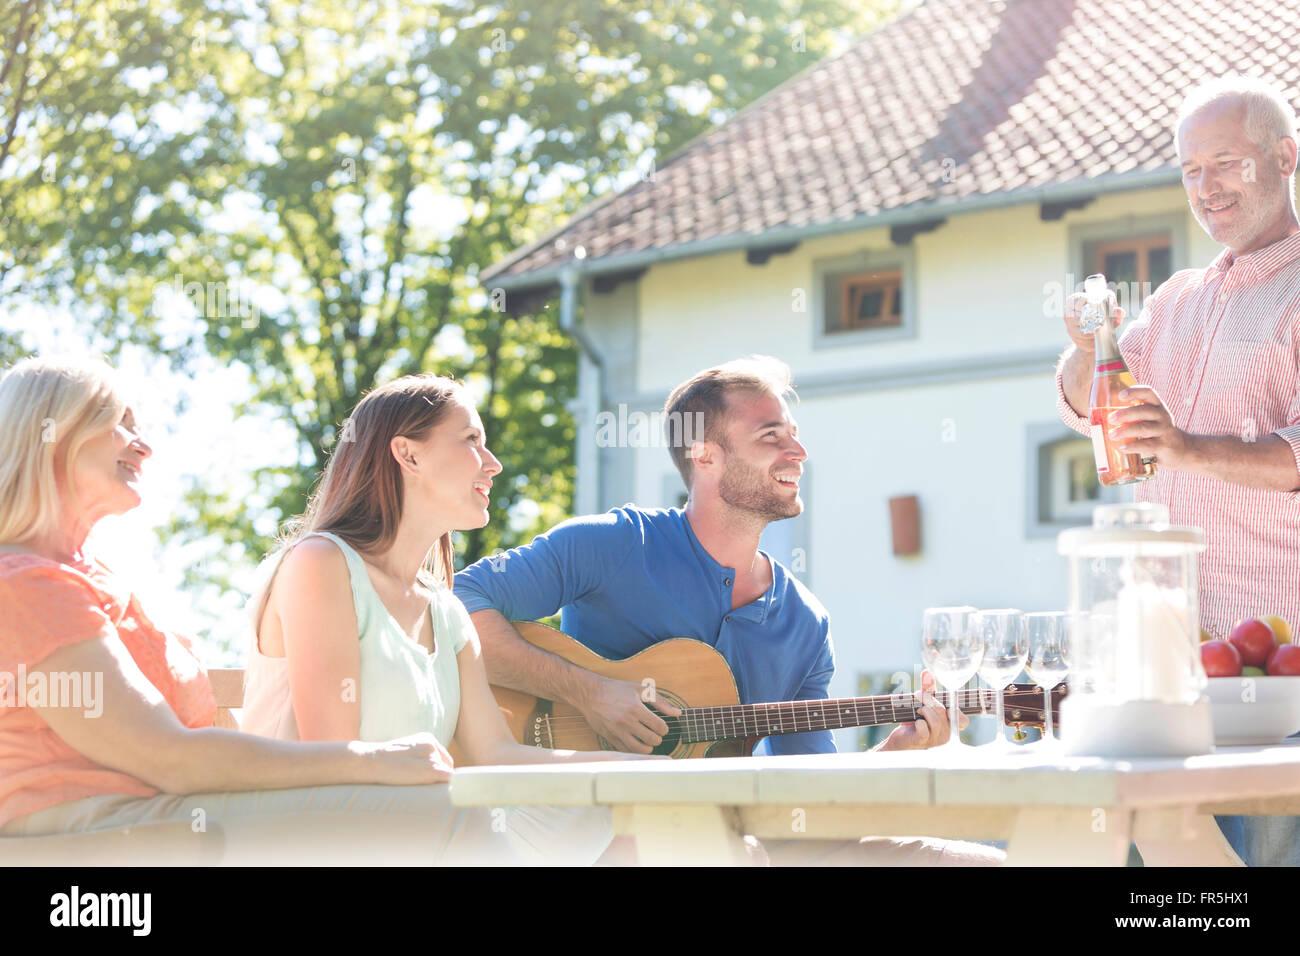 Vater Eröffnung Flasche Roséwein für Familie an sonnigen Patio Tisch Stockbild